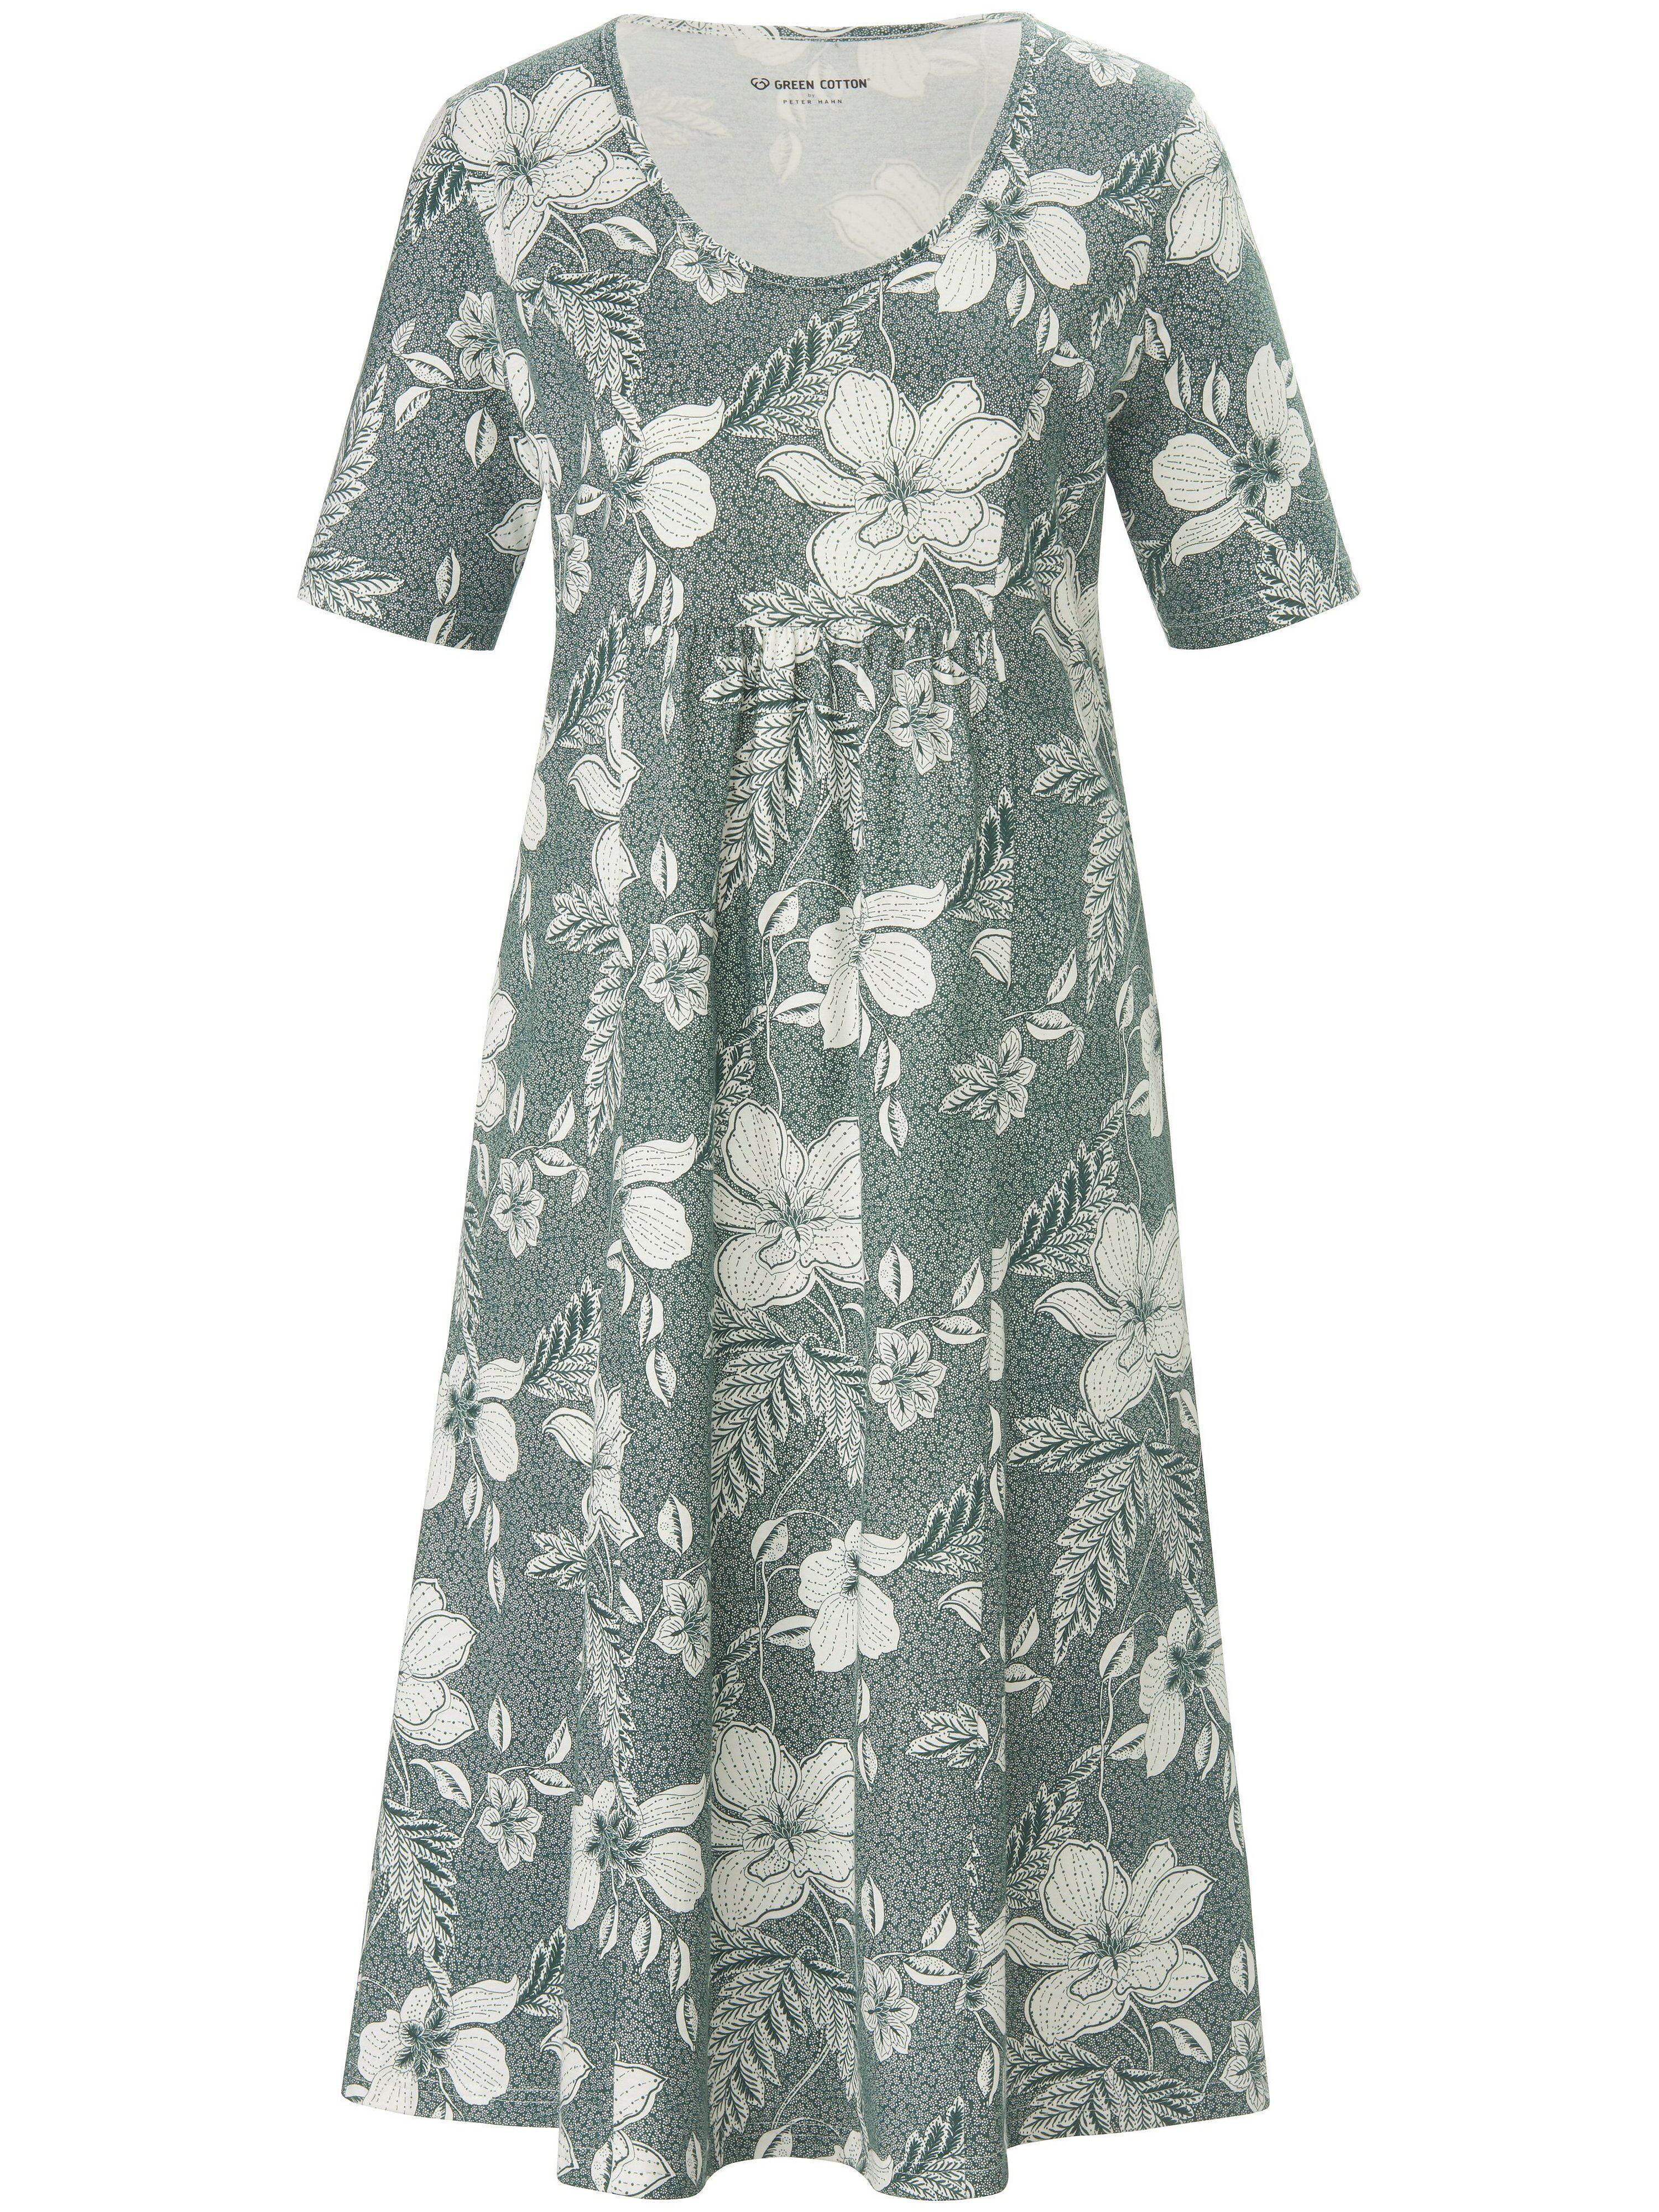 Green Cotton La robe en jersey  Green Cotton blanc  - Femme - 38